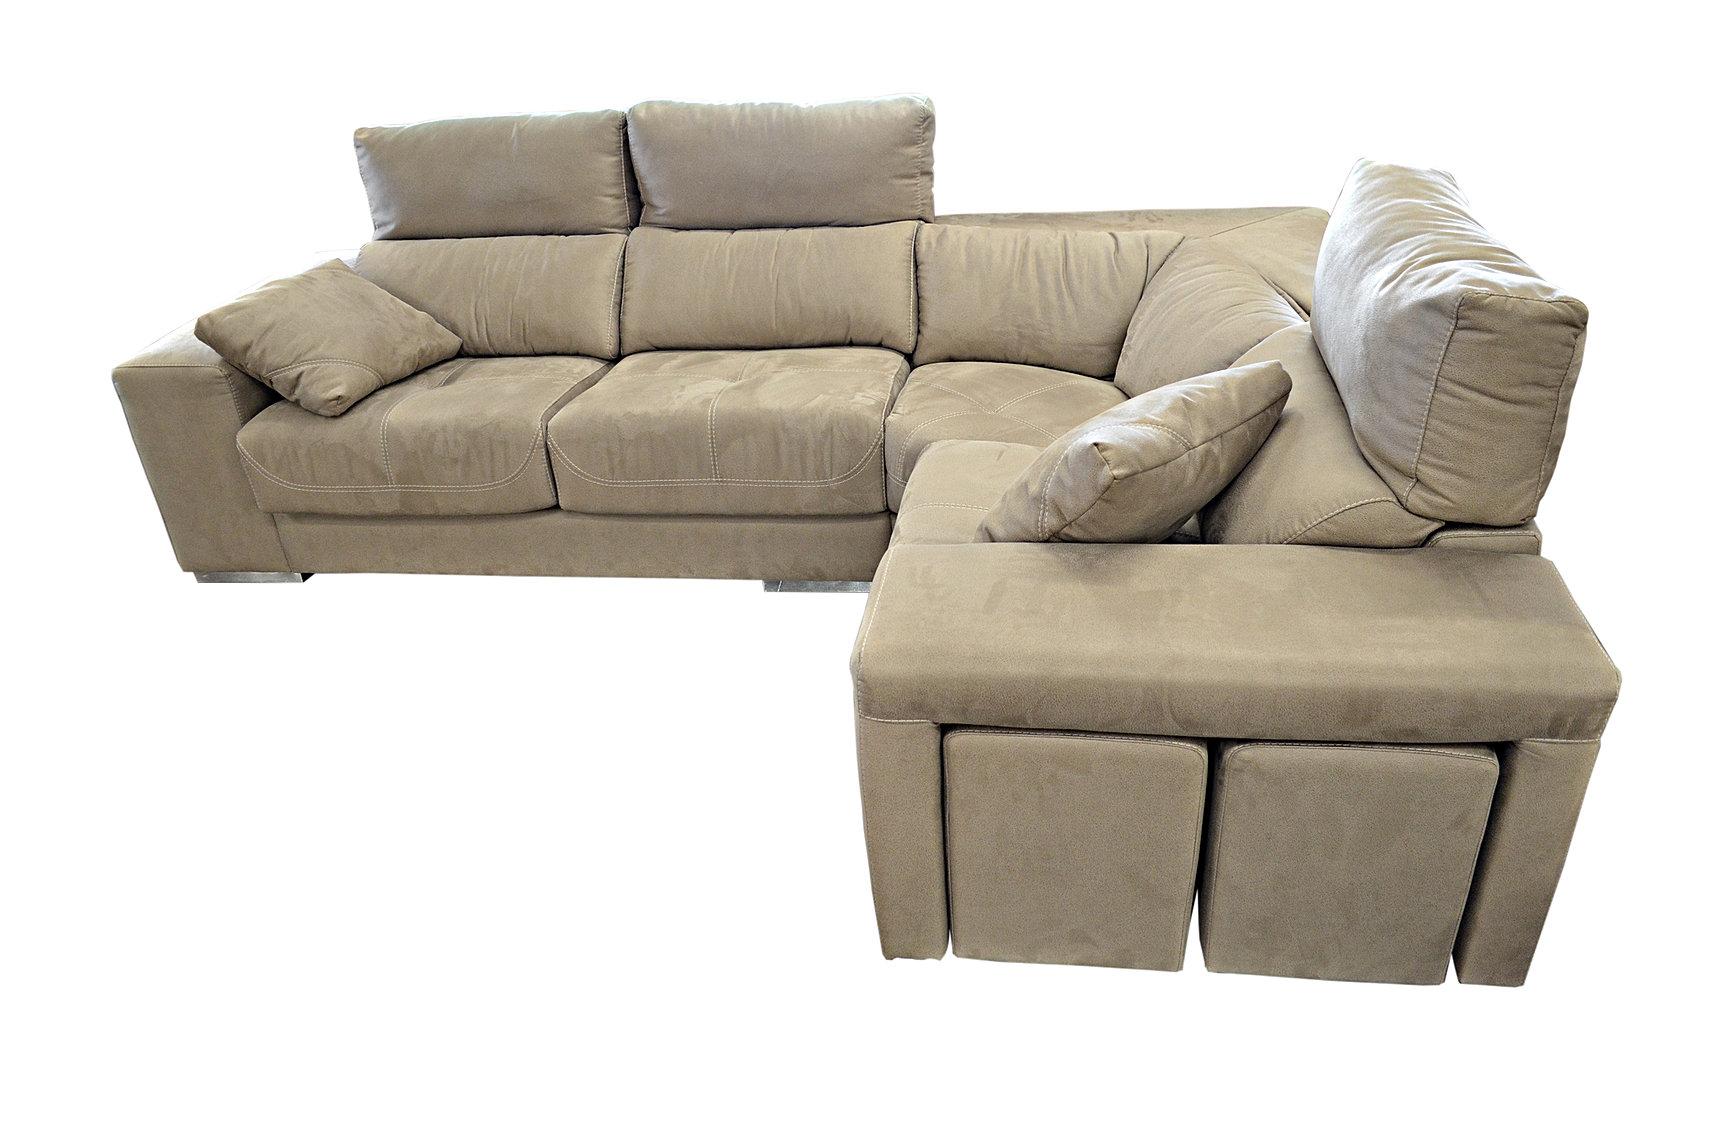 Sofass sevilla sof s rinconeras en sevilla for Sofa cama sevilla